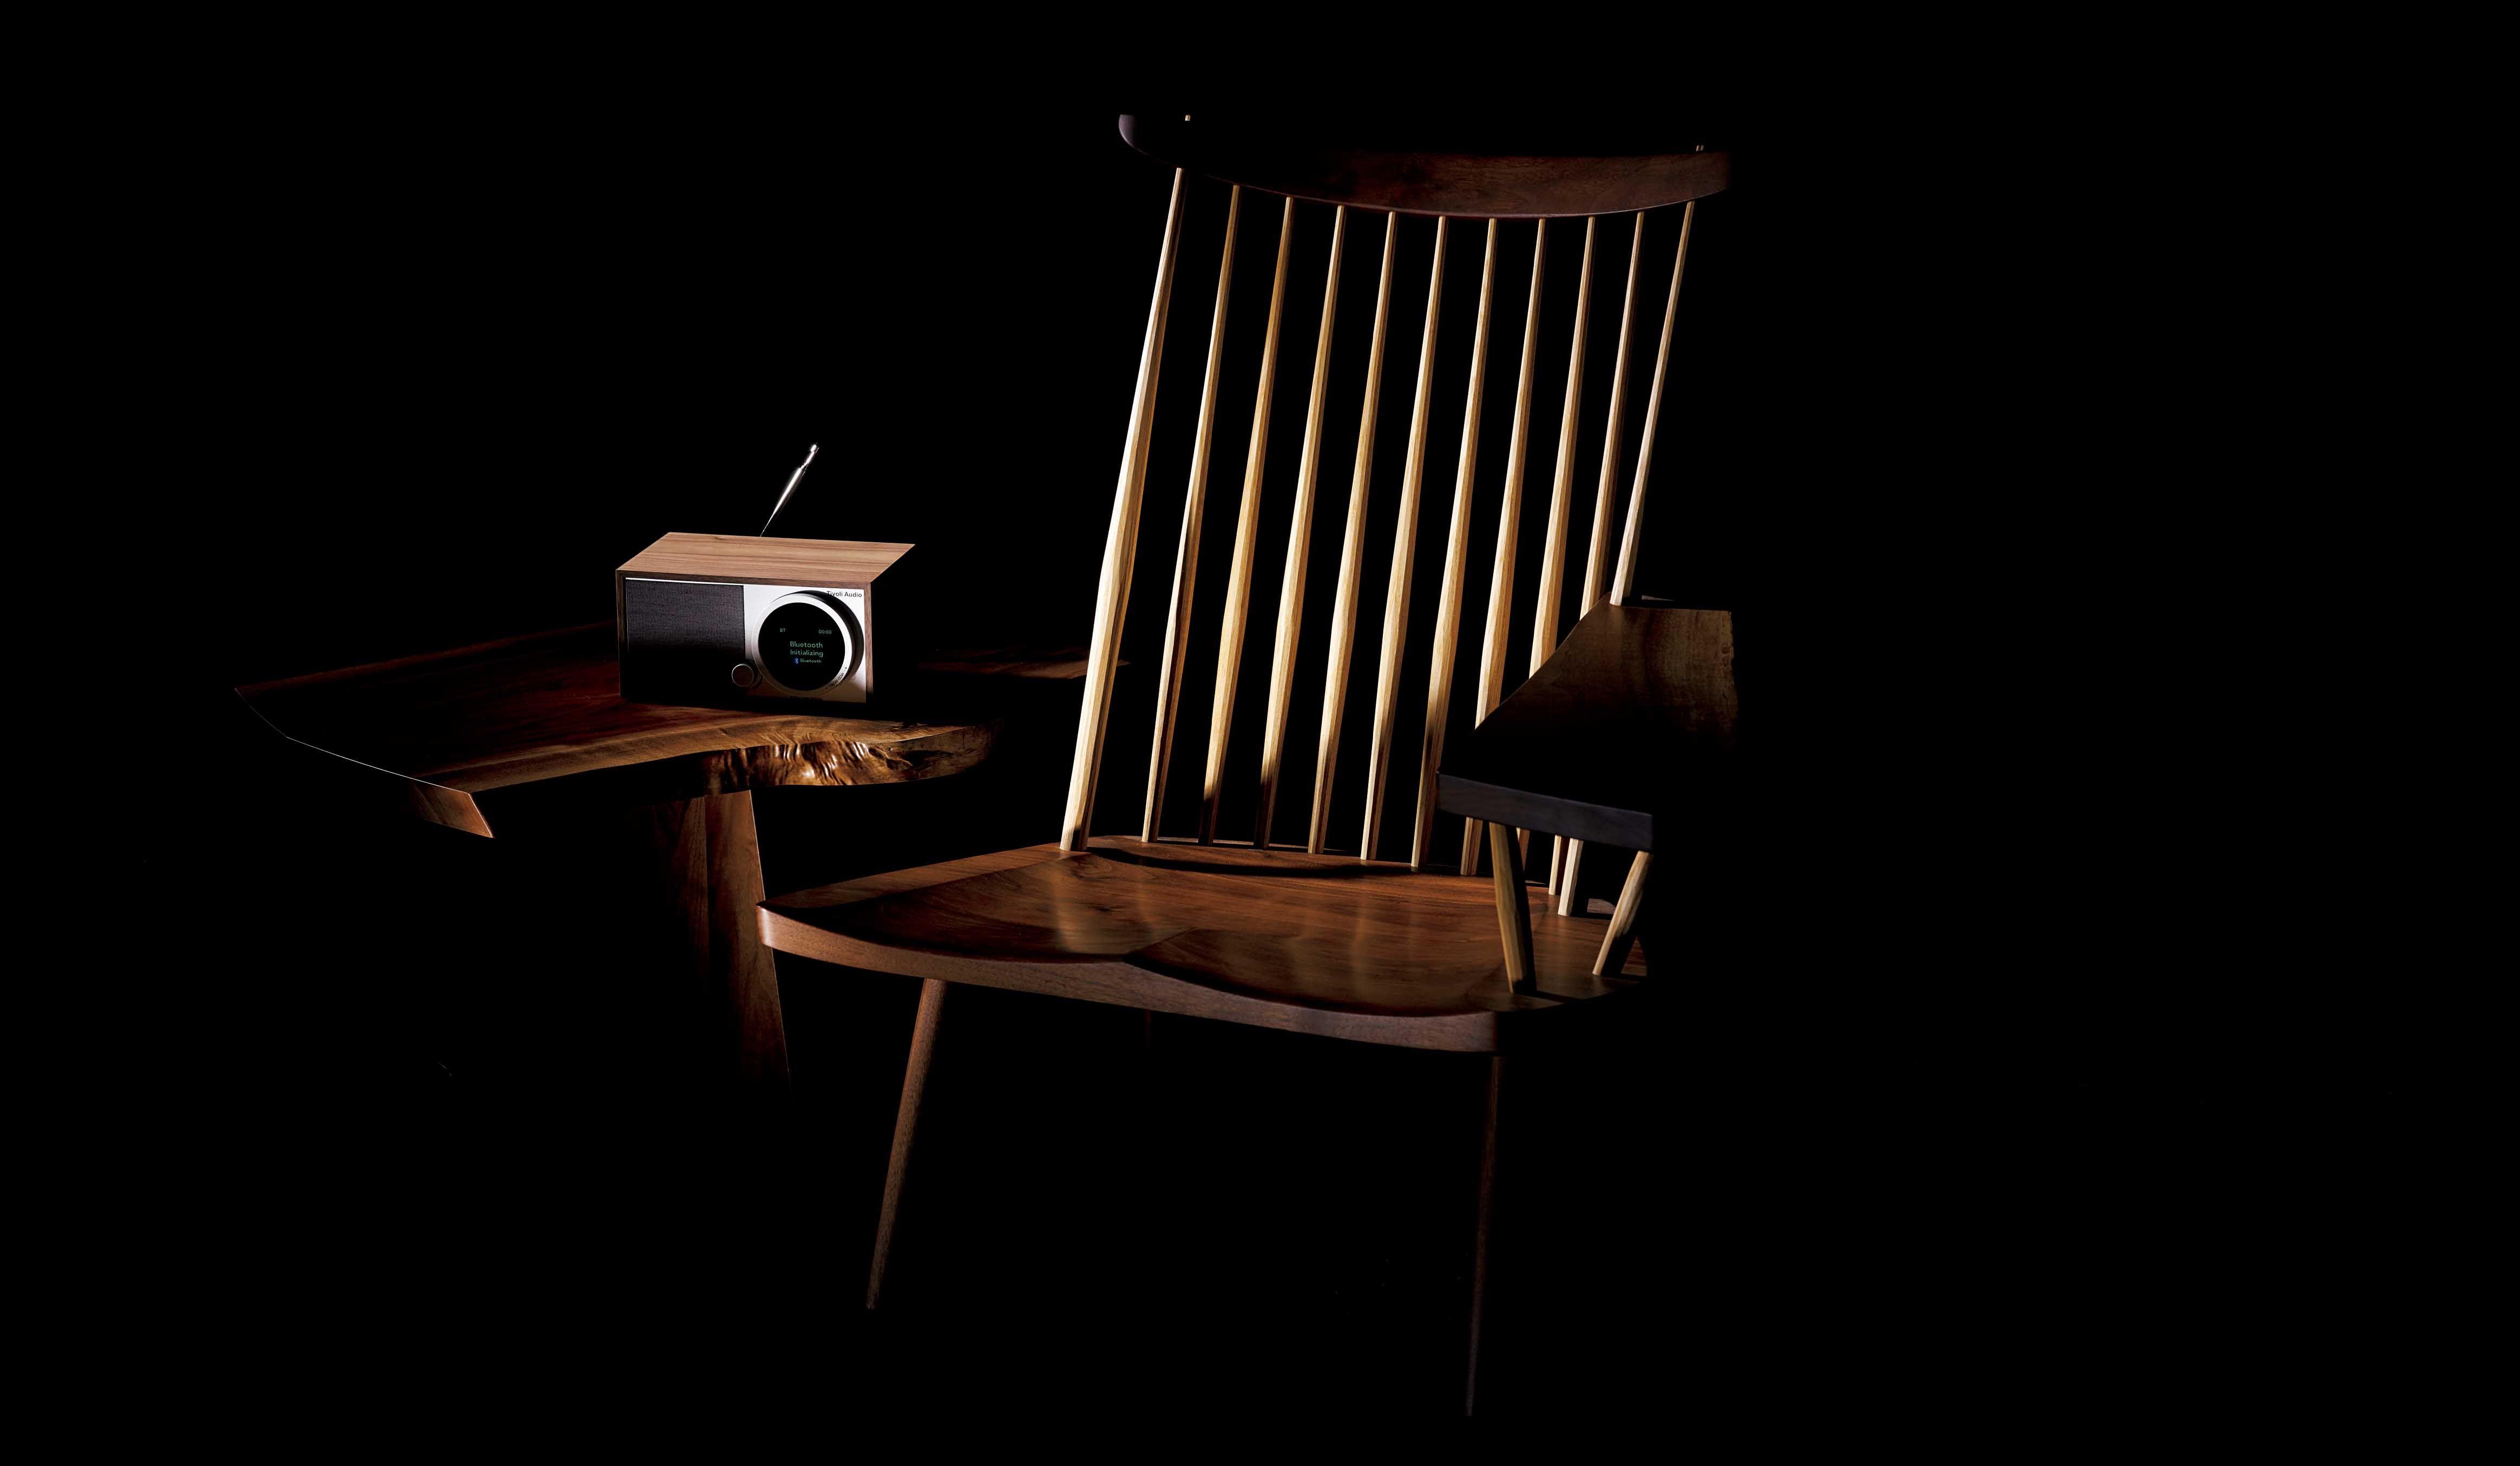 ジョージナカシマの椅子『ラウンジアーム』チボリオーディオのテーブルラジオスピーカー『モデルワン デジタル ジェネレーション2』